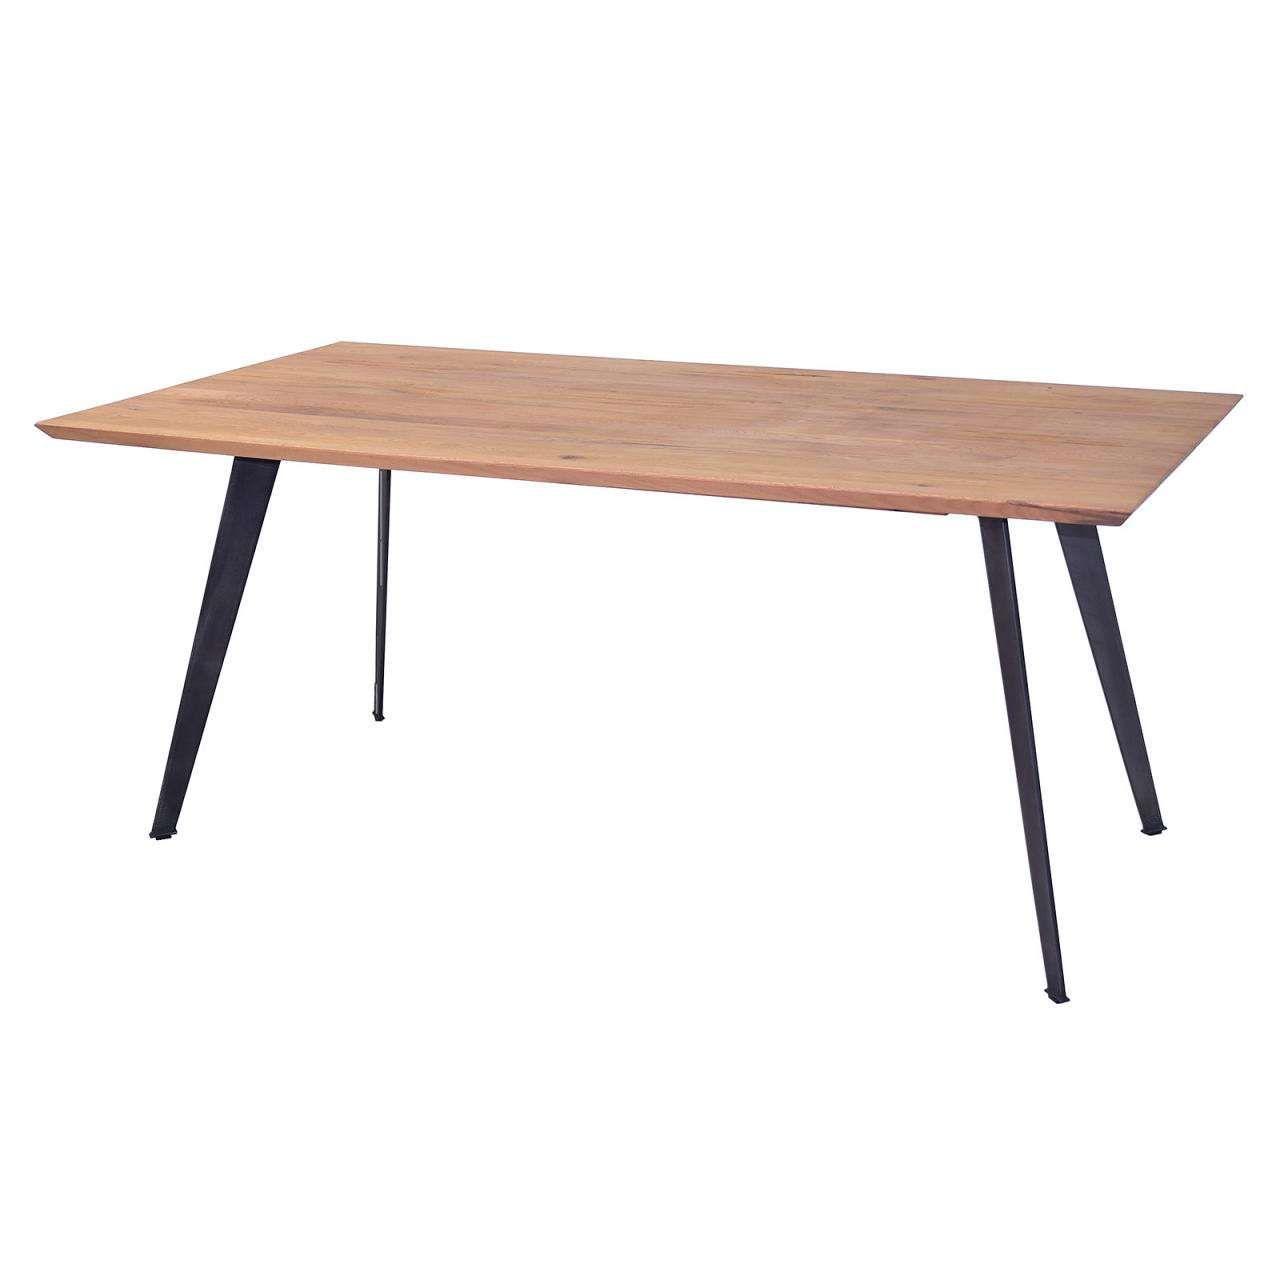 13+ Tischplatte holz 200 x 100 2021 ideen